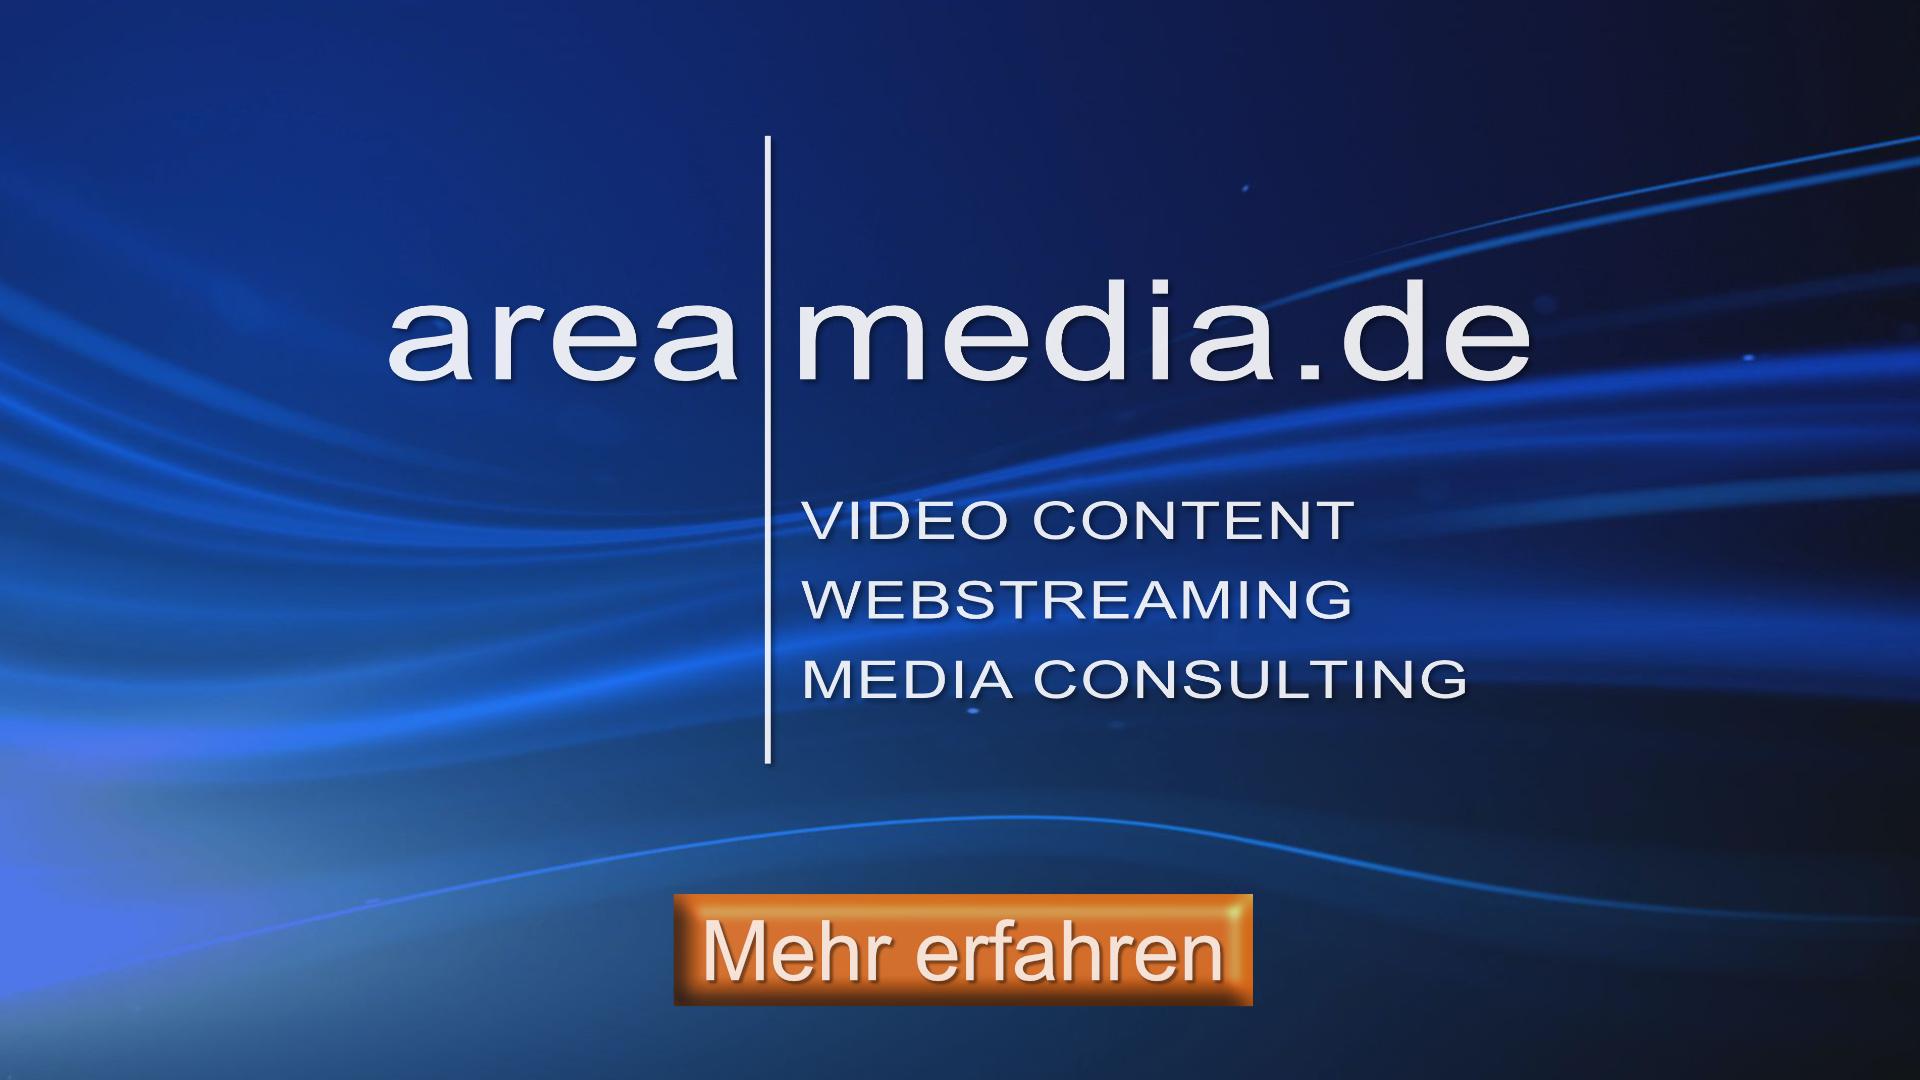 areamedia-werbung-1920x1080-1.jpg